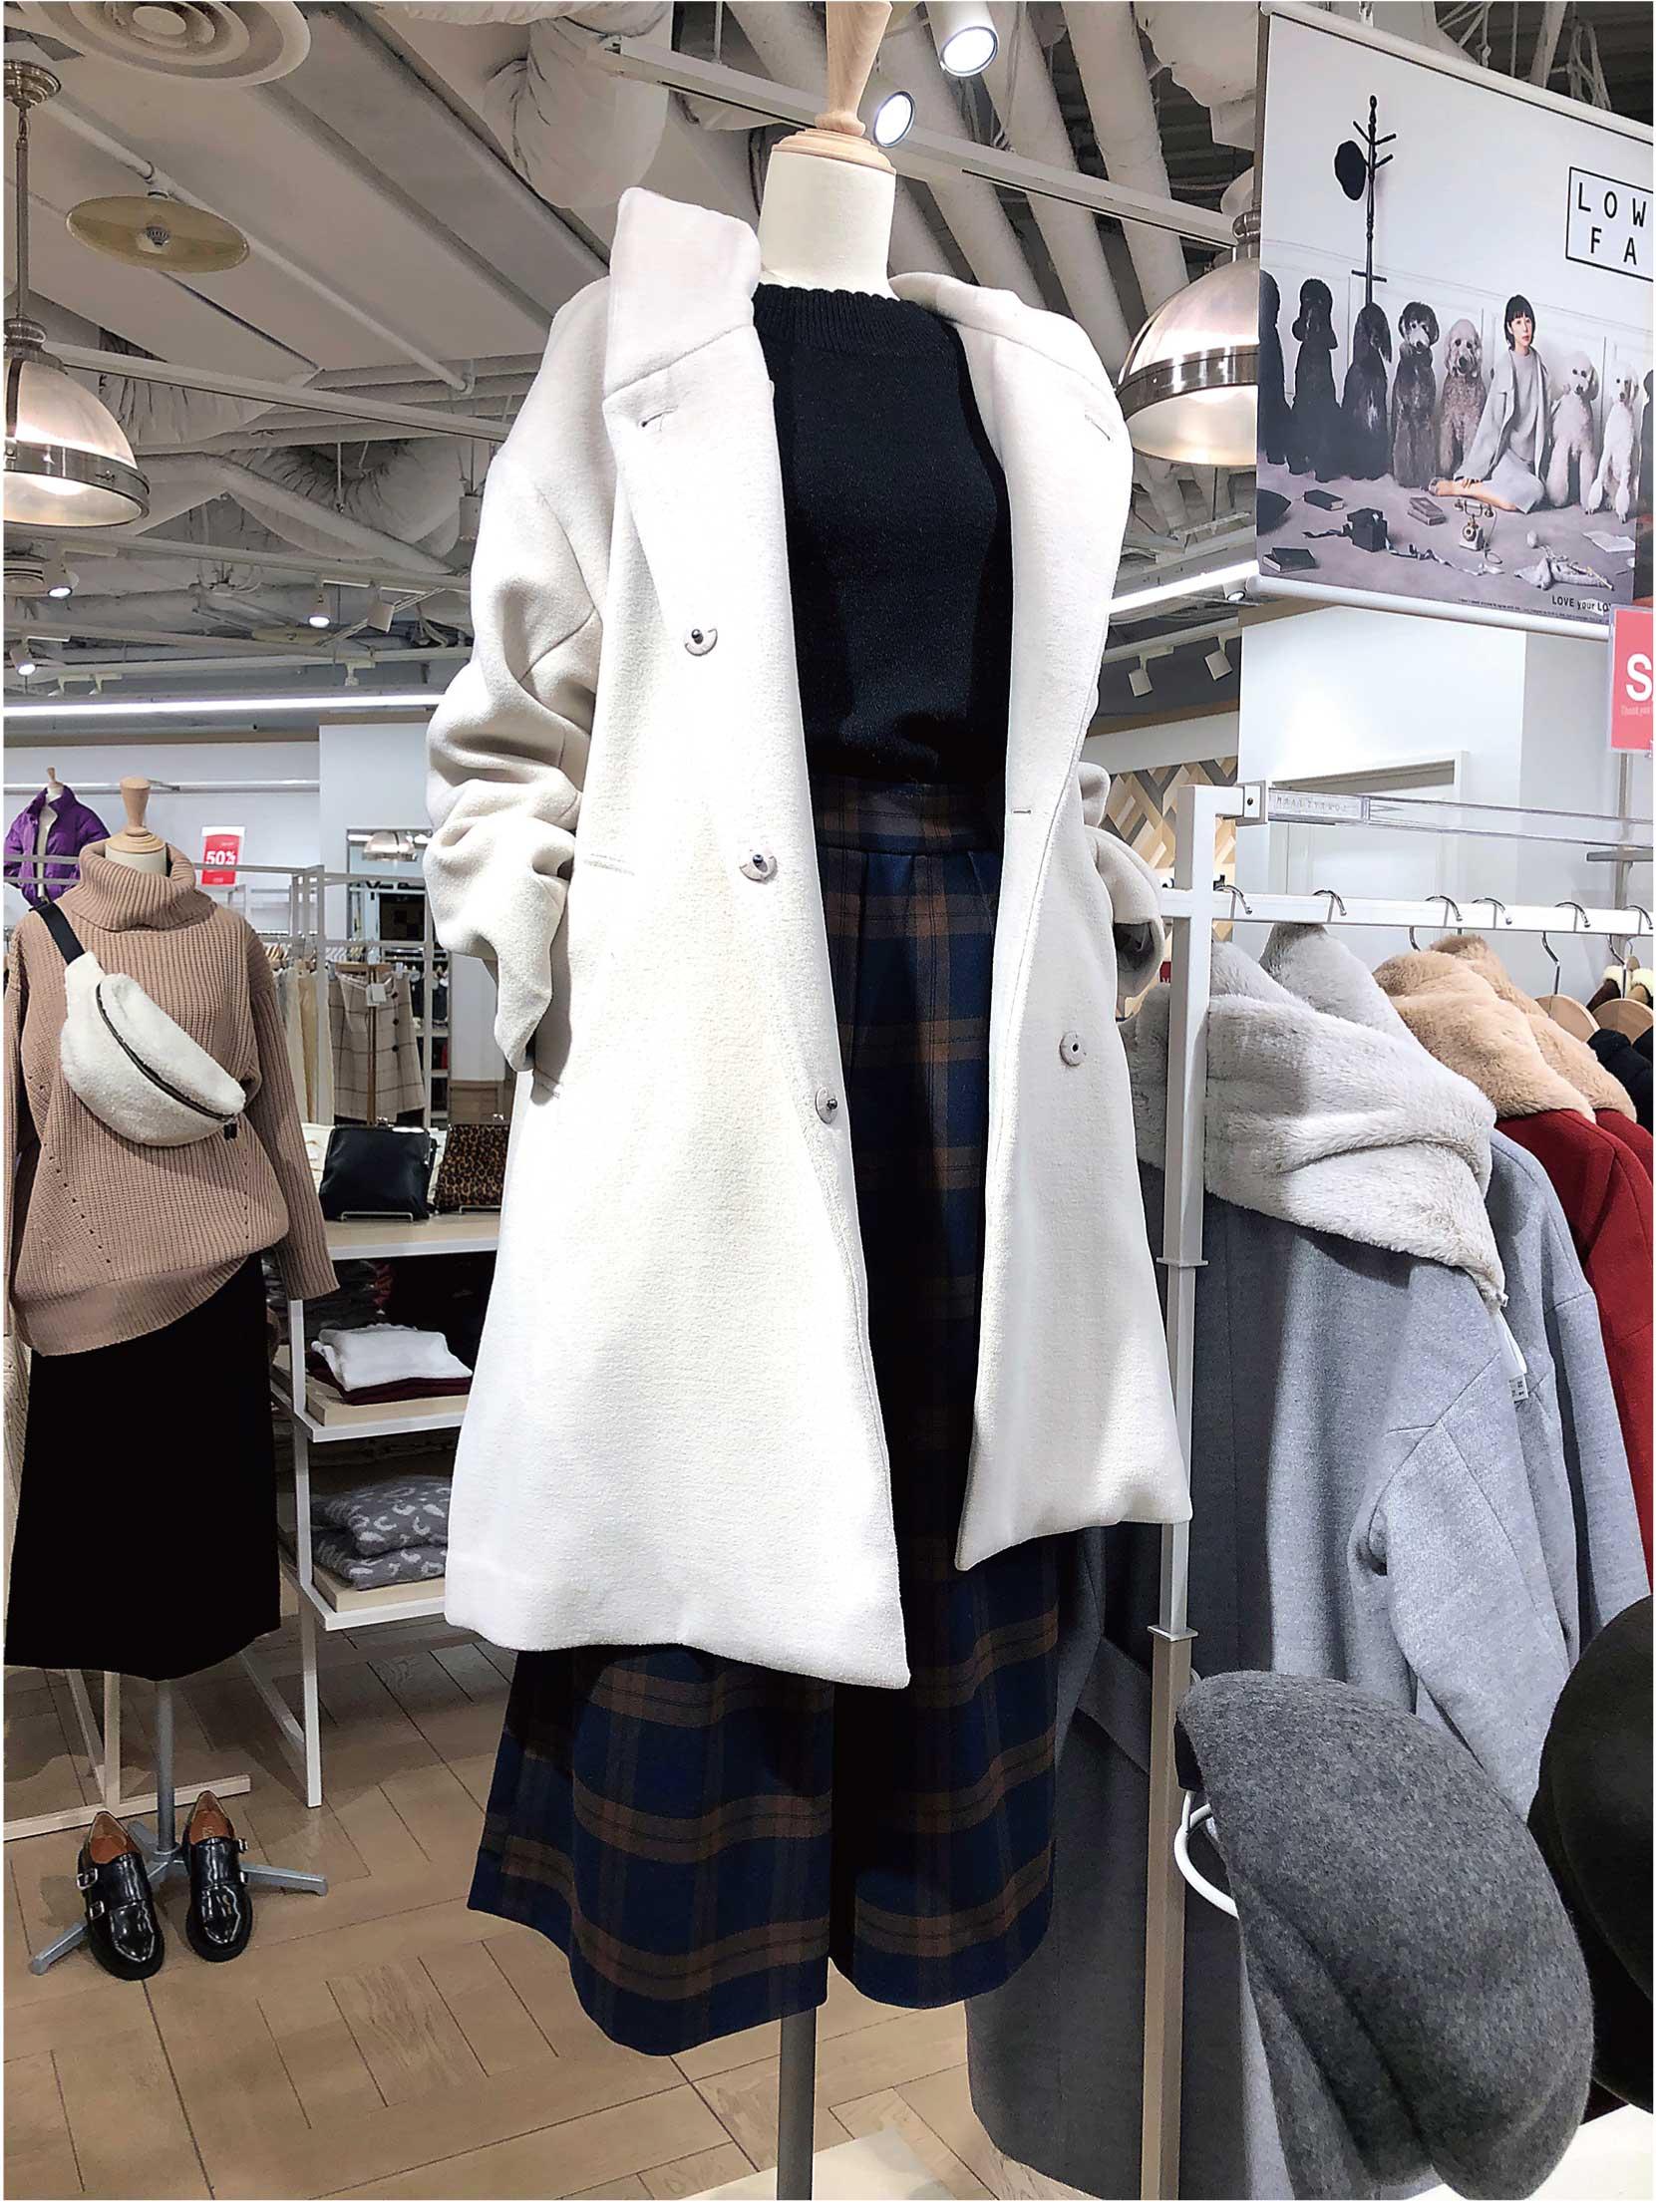 【ファッション】ゆるりと着つつバランスよく「ロング丈×ロング丈コーデ」(2019年2月号)